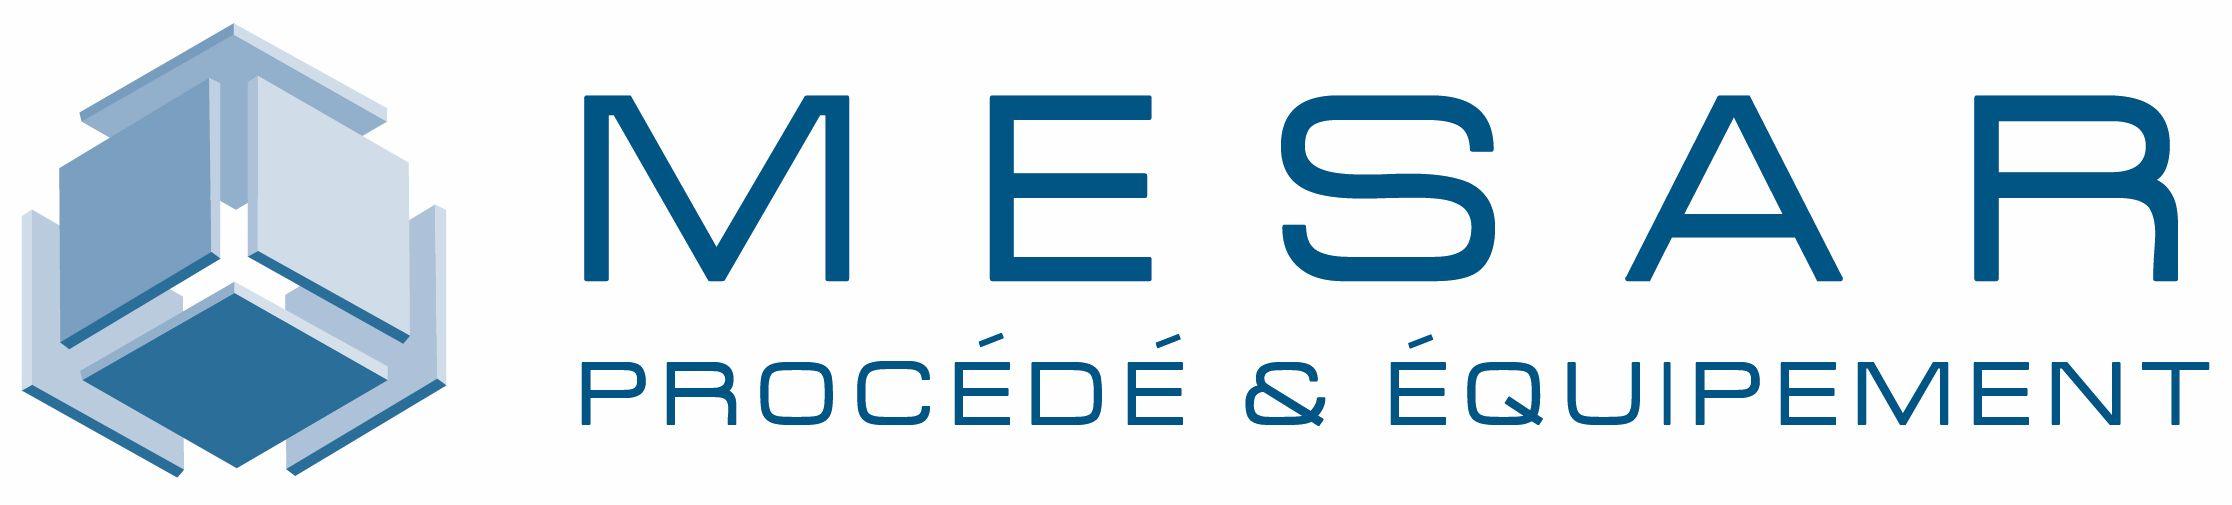 logo MESAR Procédés & équipements